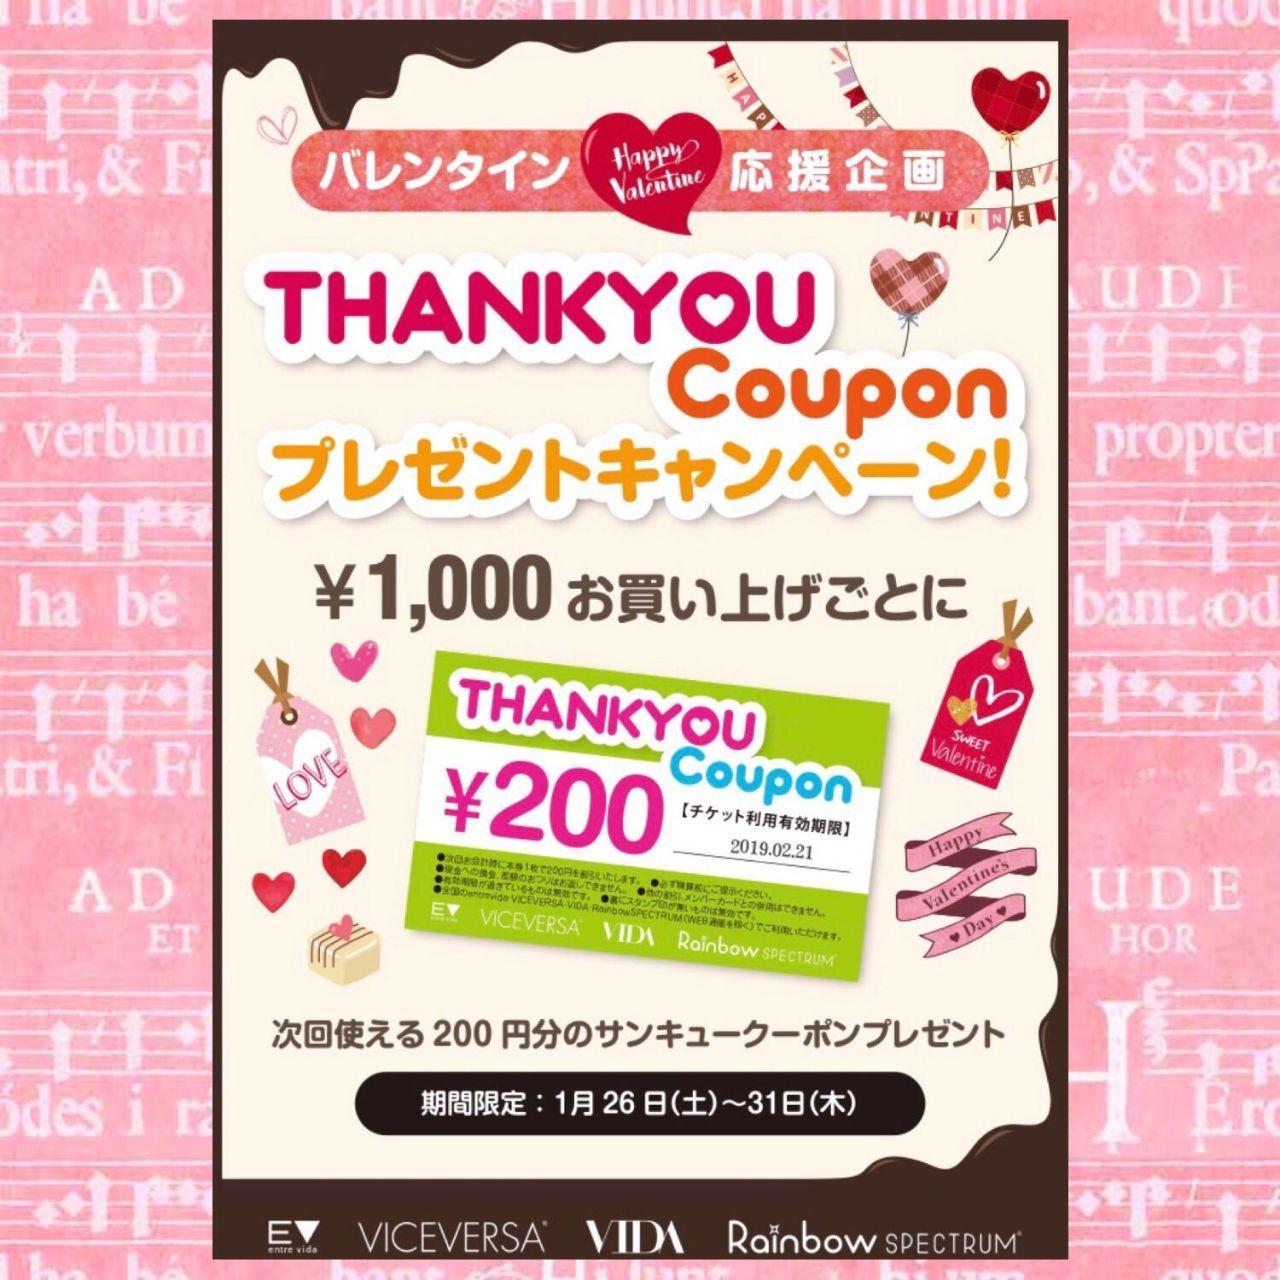 「クーポン券プレゼント♡」の写真